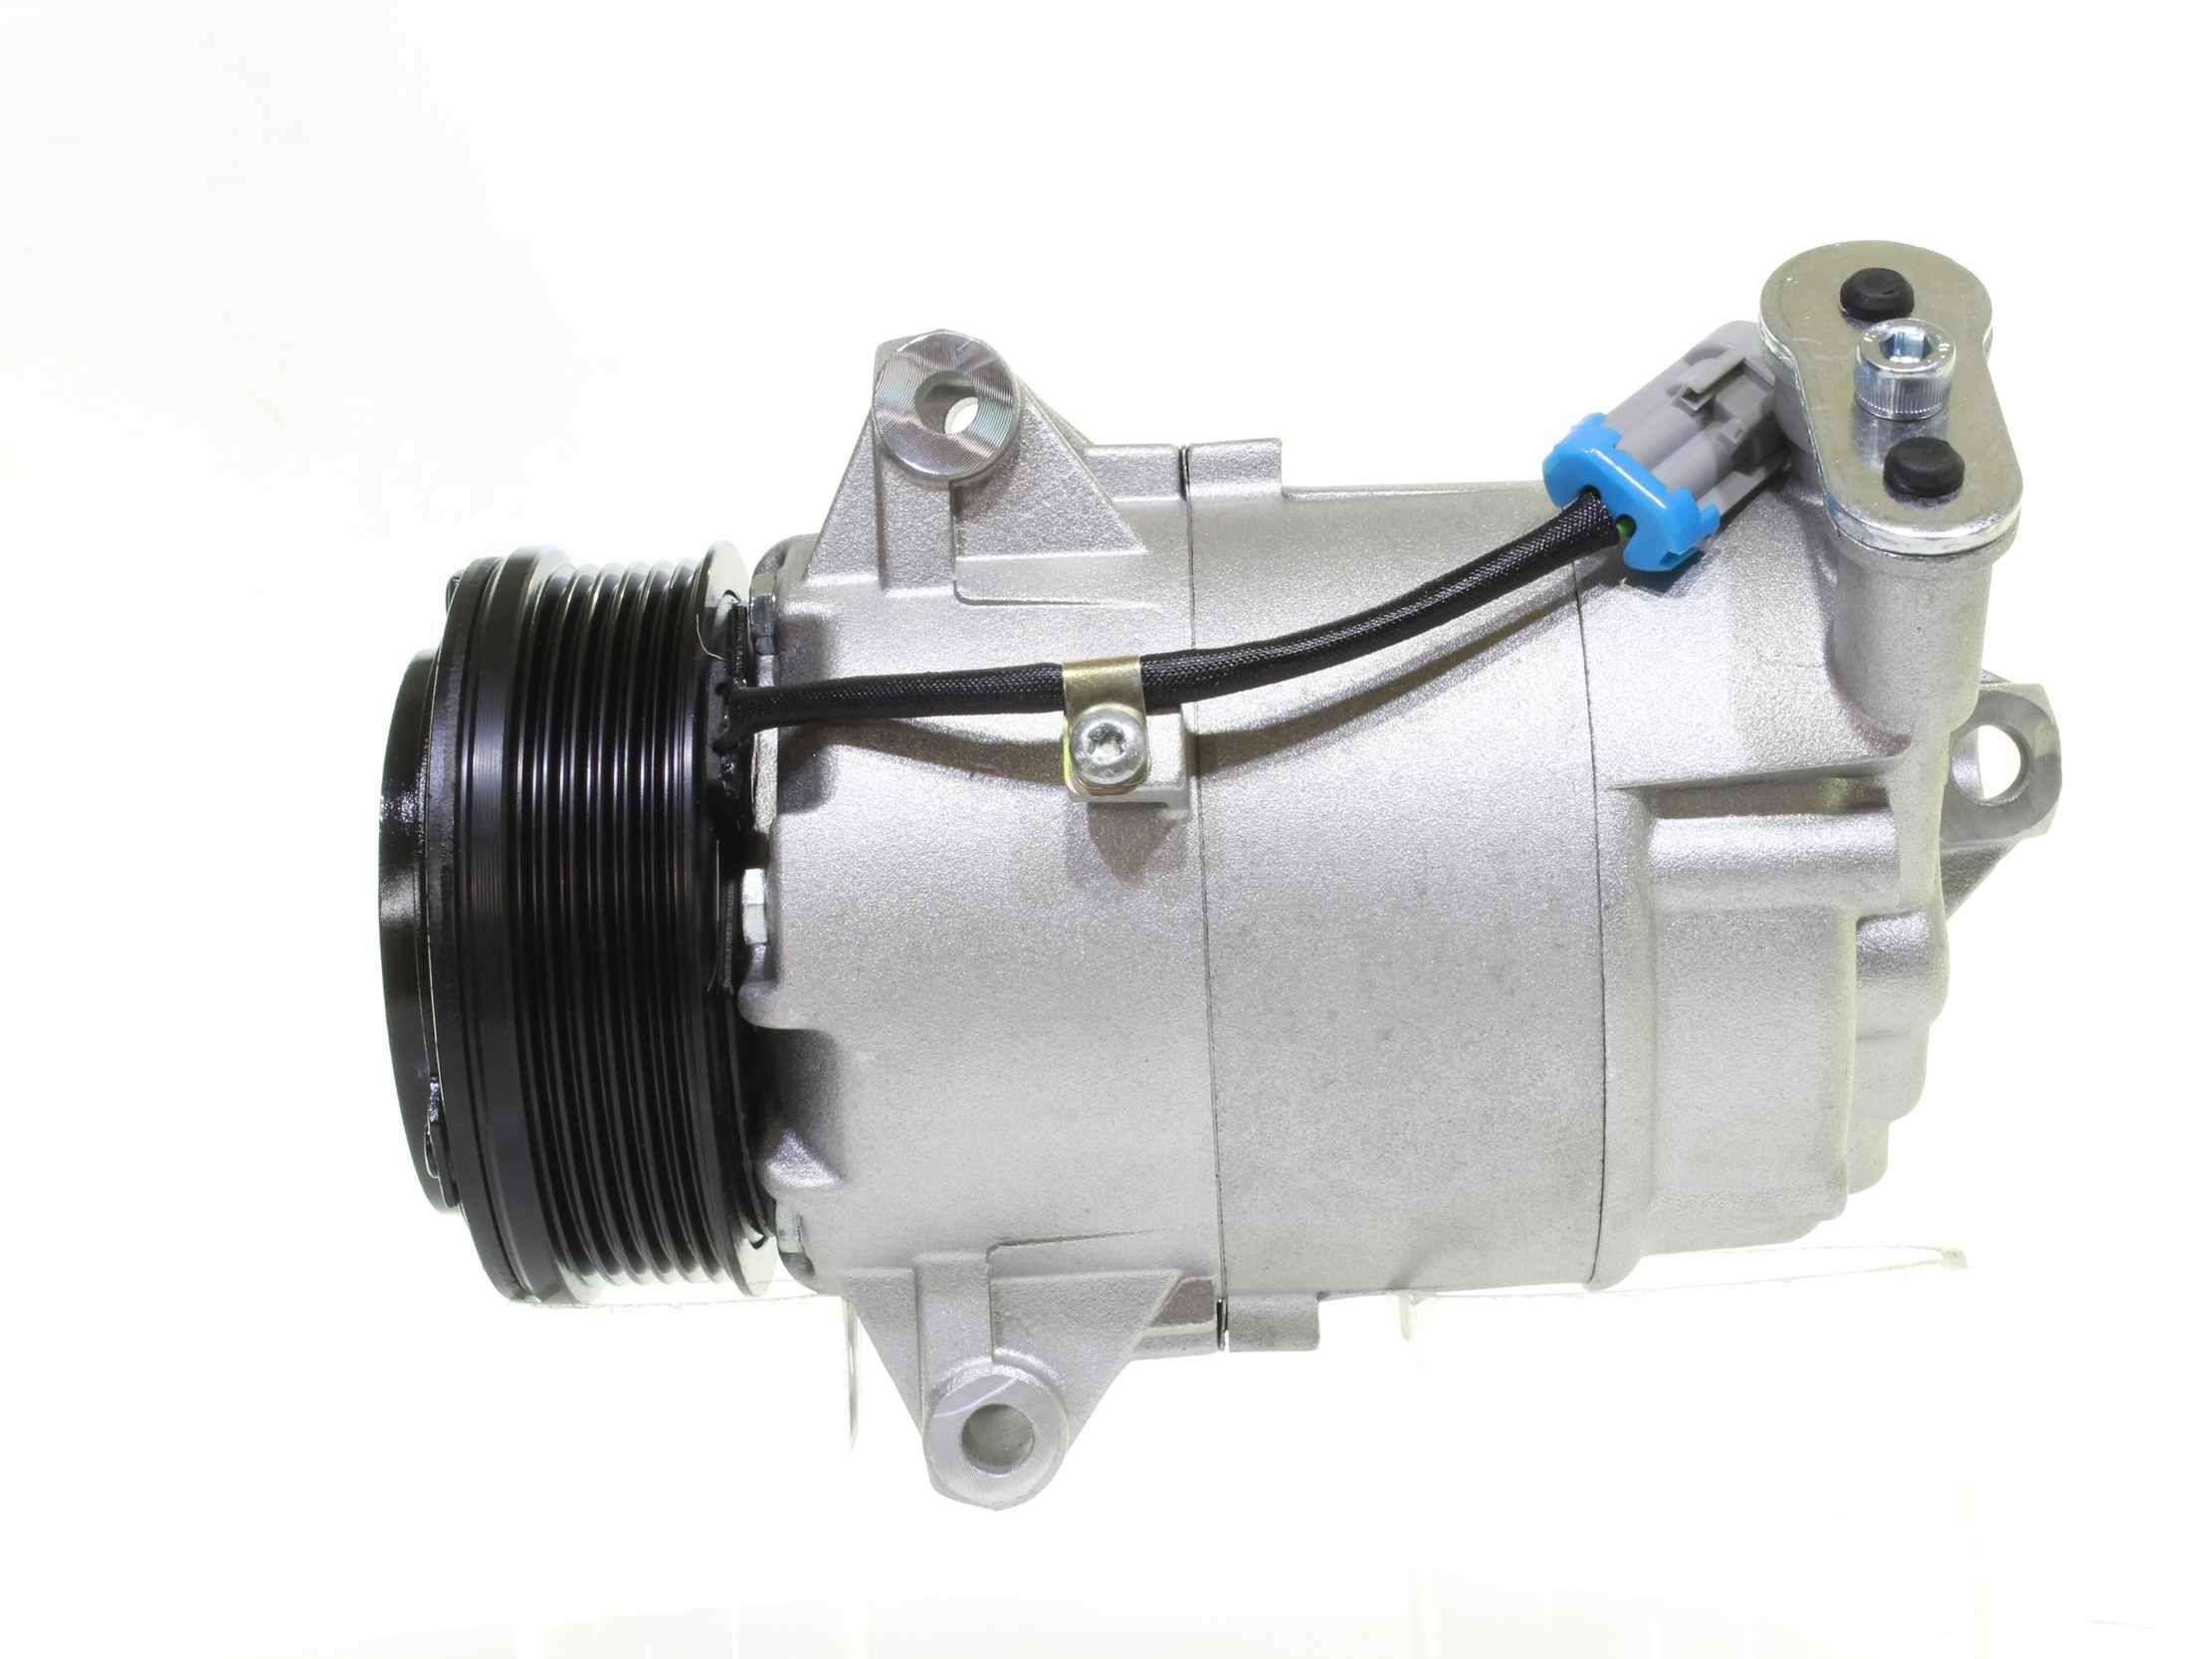 Kompressor OPEL Zafira Life (K0) 2020 - ALANKO 10550656 (Riemenscheiben-Ø: 104mm)